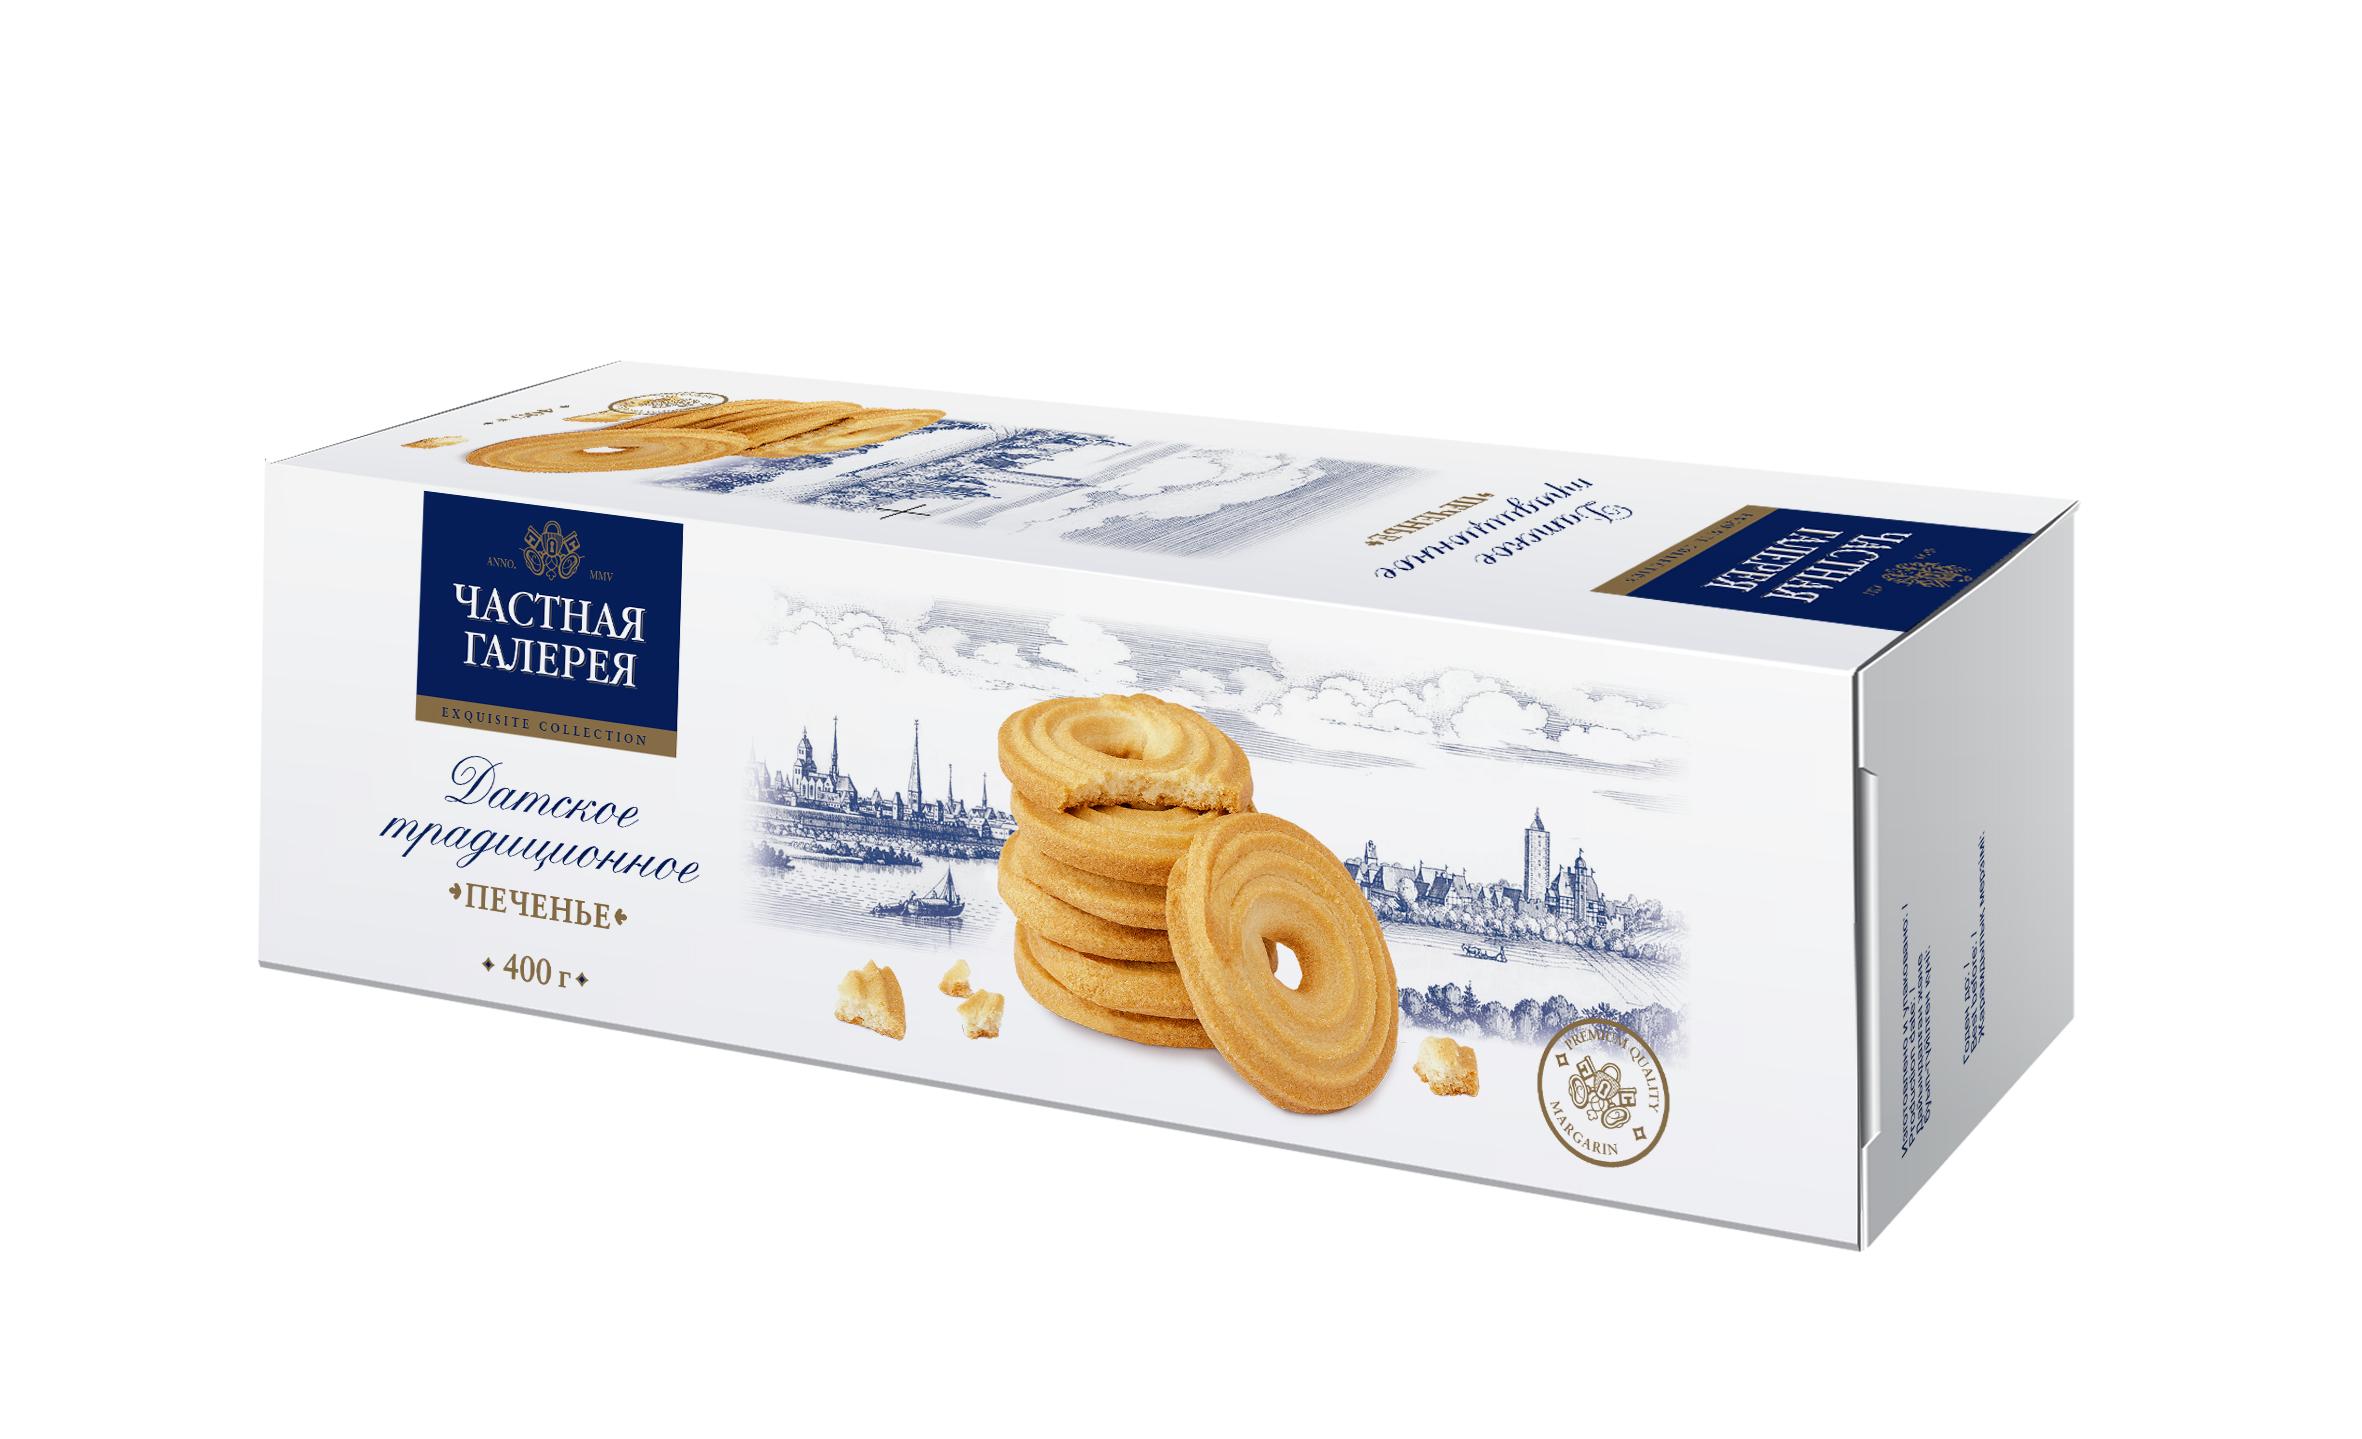 Печенье Частная Галерея датское традиционное 400 г